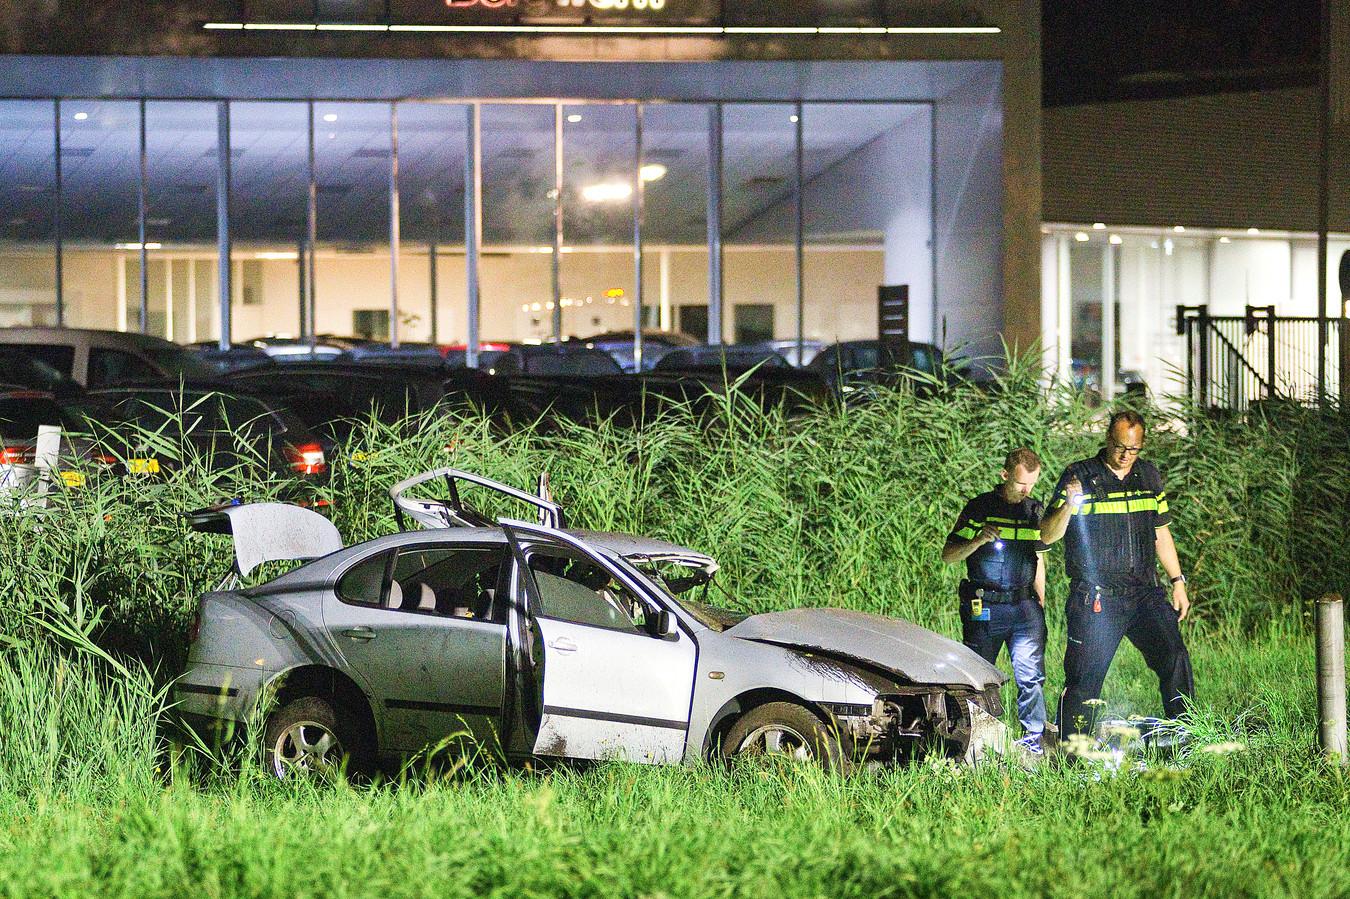 De mannen die afgelopen weekeinde met een auto tegen een lpg-installatie in Gorinchem reden, worden in ieder geval verdacht van het verlaten van de plaats van het ongeluk.